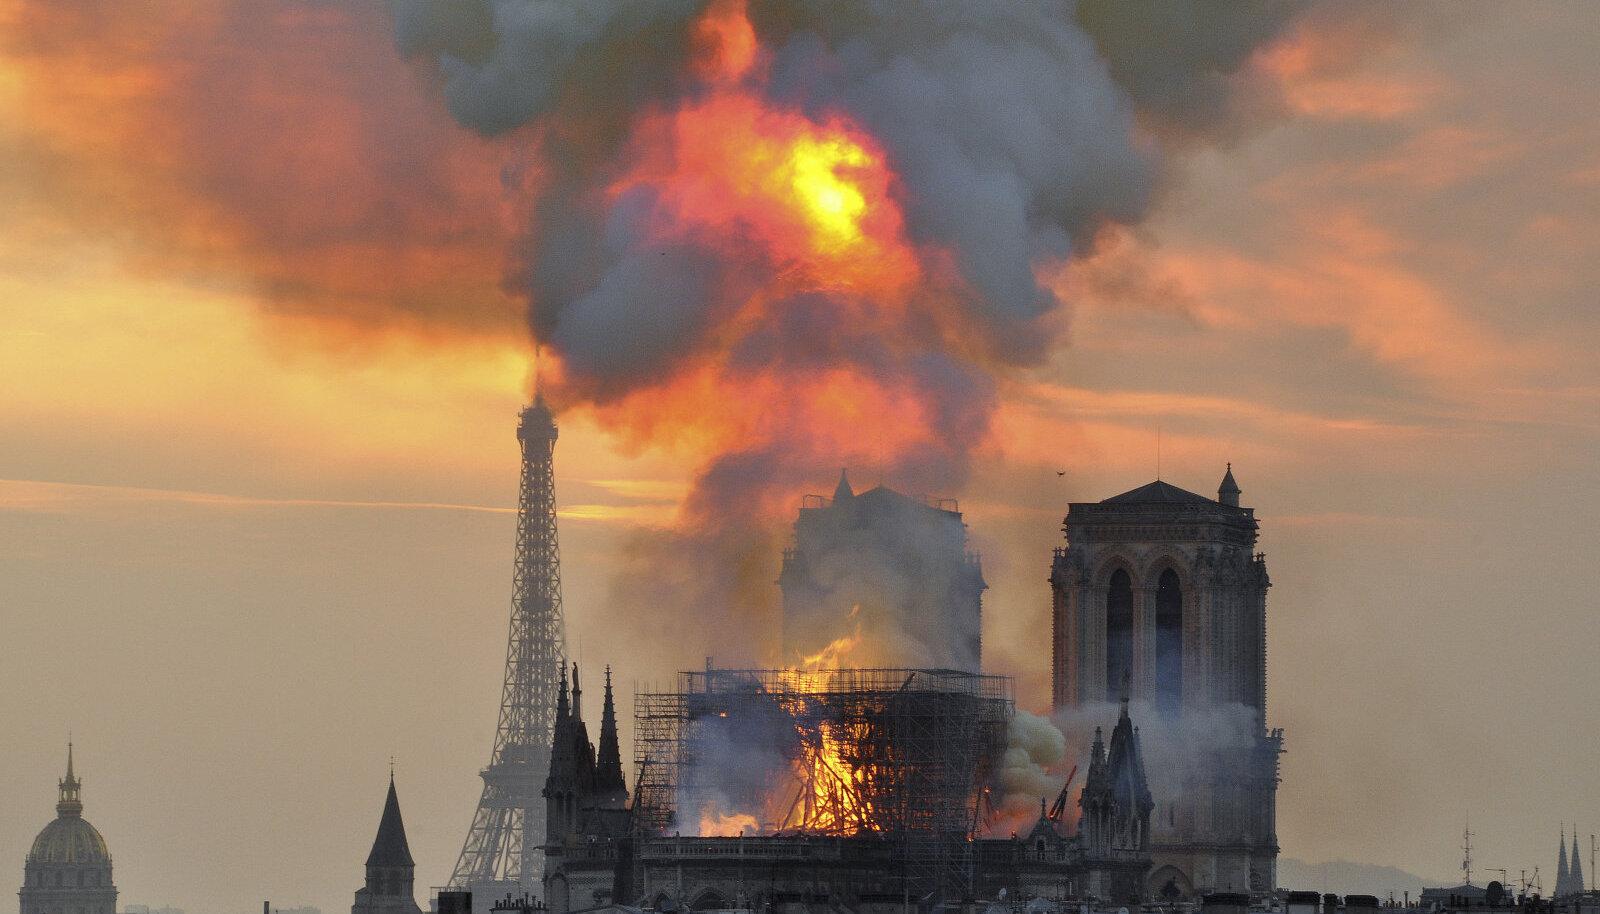 Notre-Dame'i põleng